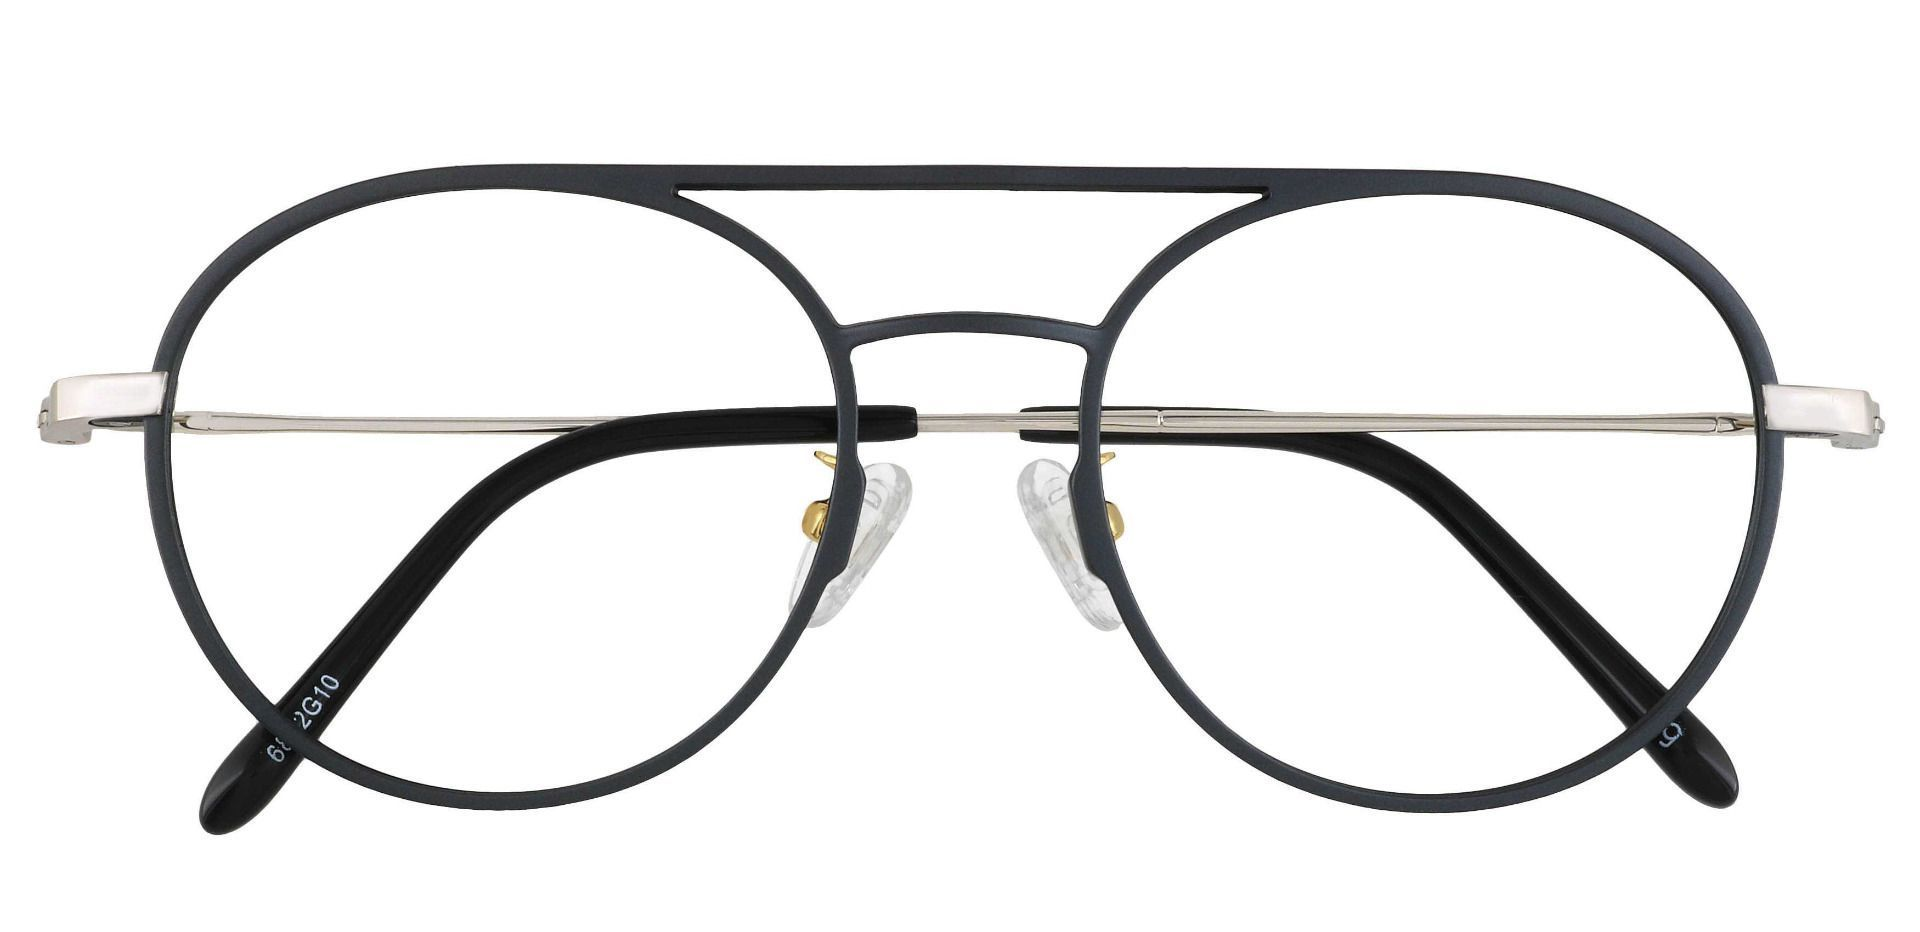 Carnaby Aviator Prescription Glasses - Gray